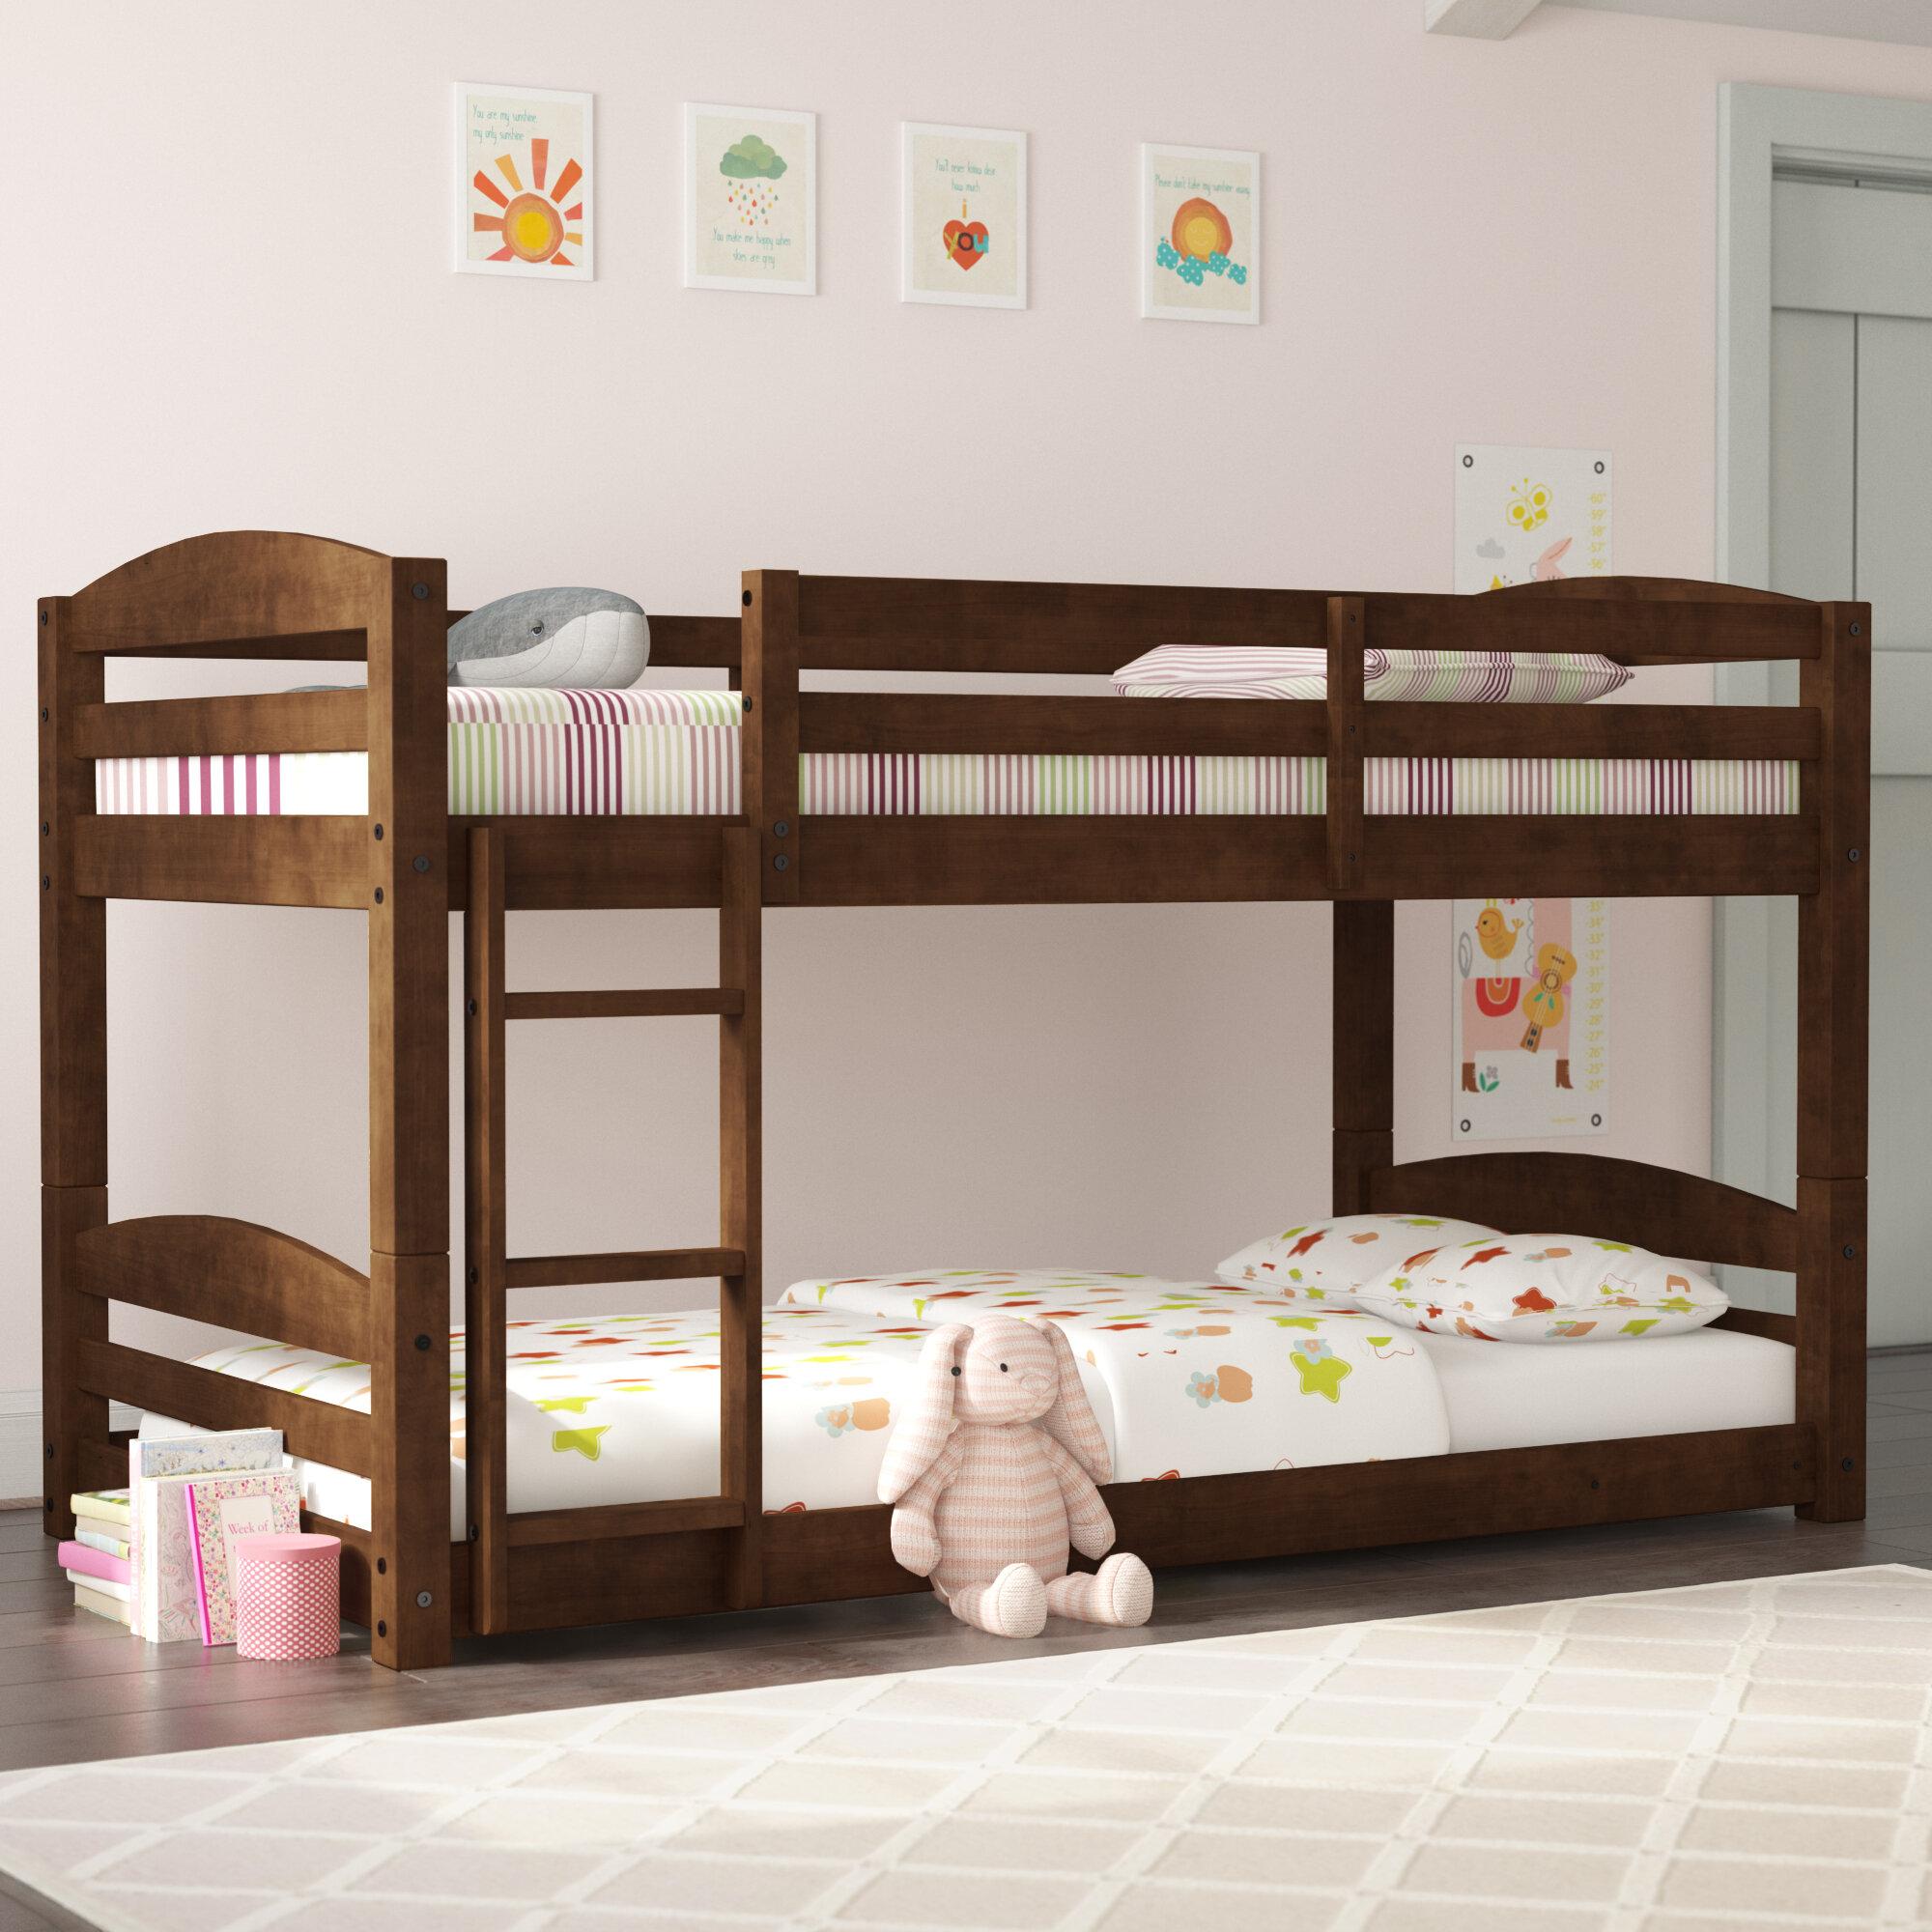 Bunk Beds Up To 50 Off Through 03 16 Wayfair